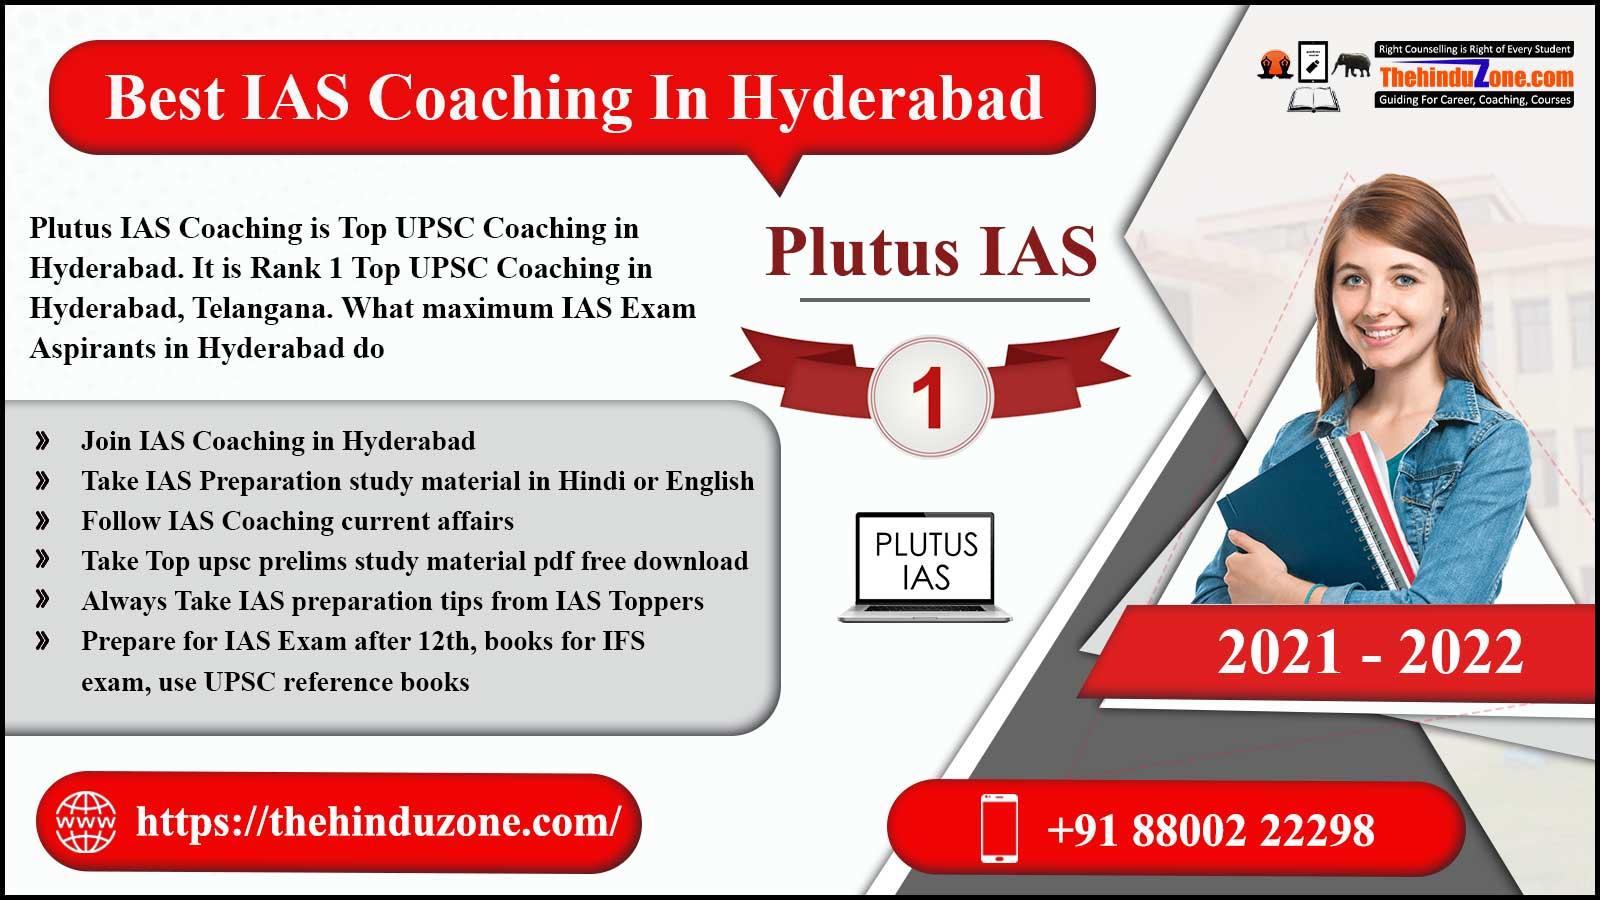 Plutsu ias Coaching In Hyderabad